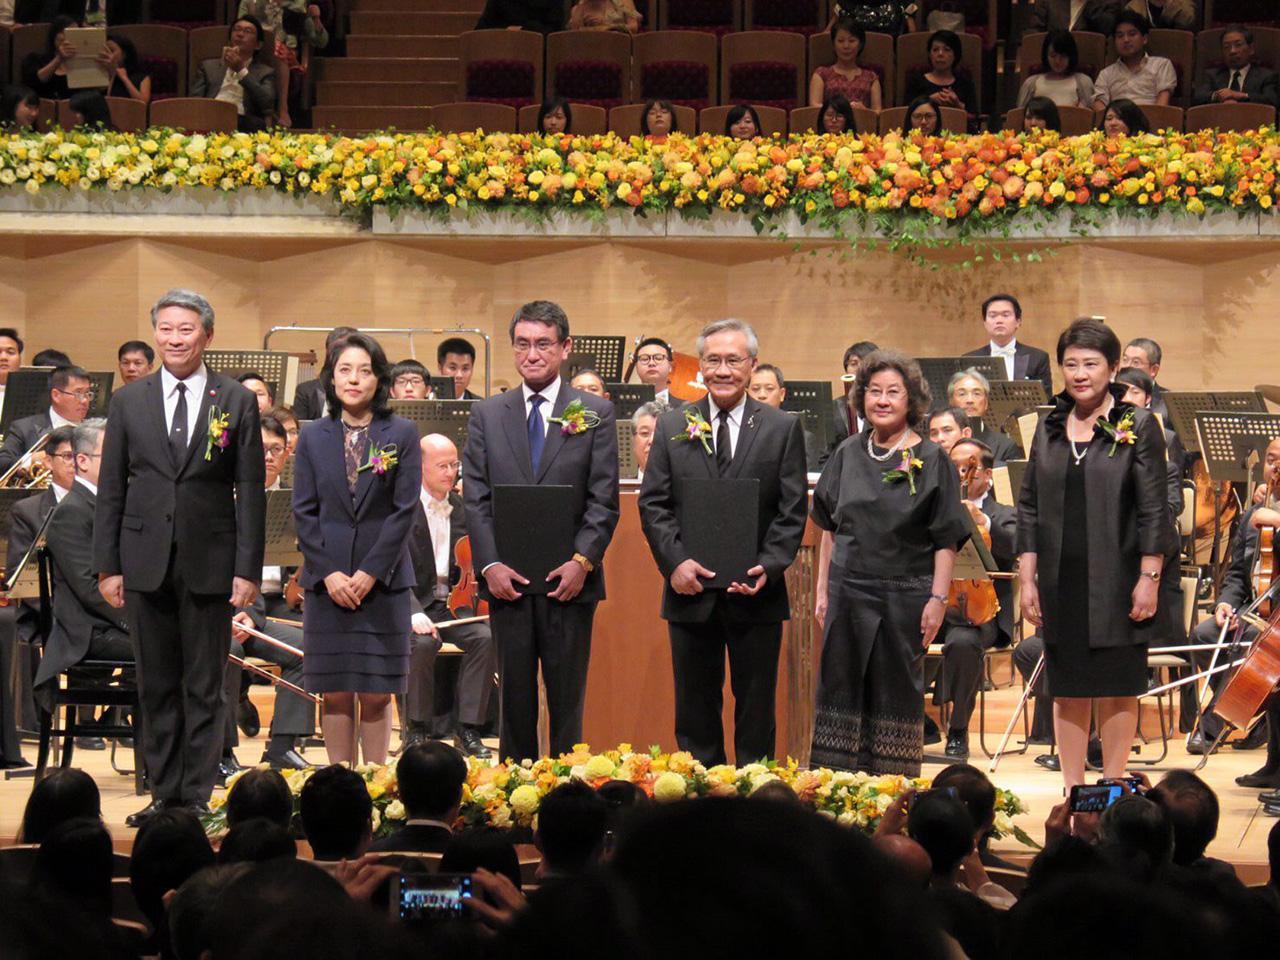 ดอน ปรมัตถ์วินัย รมว.ต่างประเทศ, บรรสาร บุนนาค ทูตไทยประจำกรุงโตเกียว และรัฐมนตรีต่างประเทศญี่ปุ่น ร่วมกันเปิดการแสดง คอนเสิร์ตฉลองความสัมพันธ์ทางการทูตครบ 130 ปี ไทย-ญี่ปุ่น.